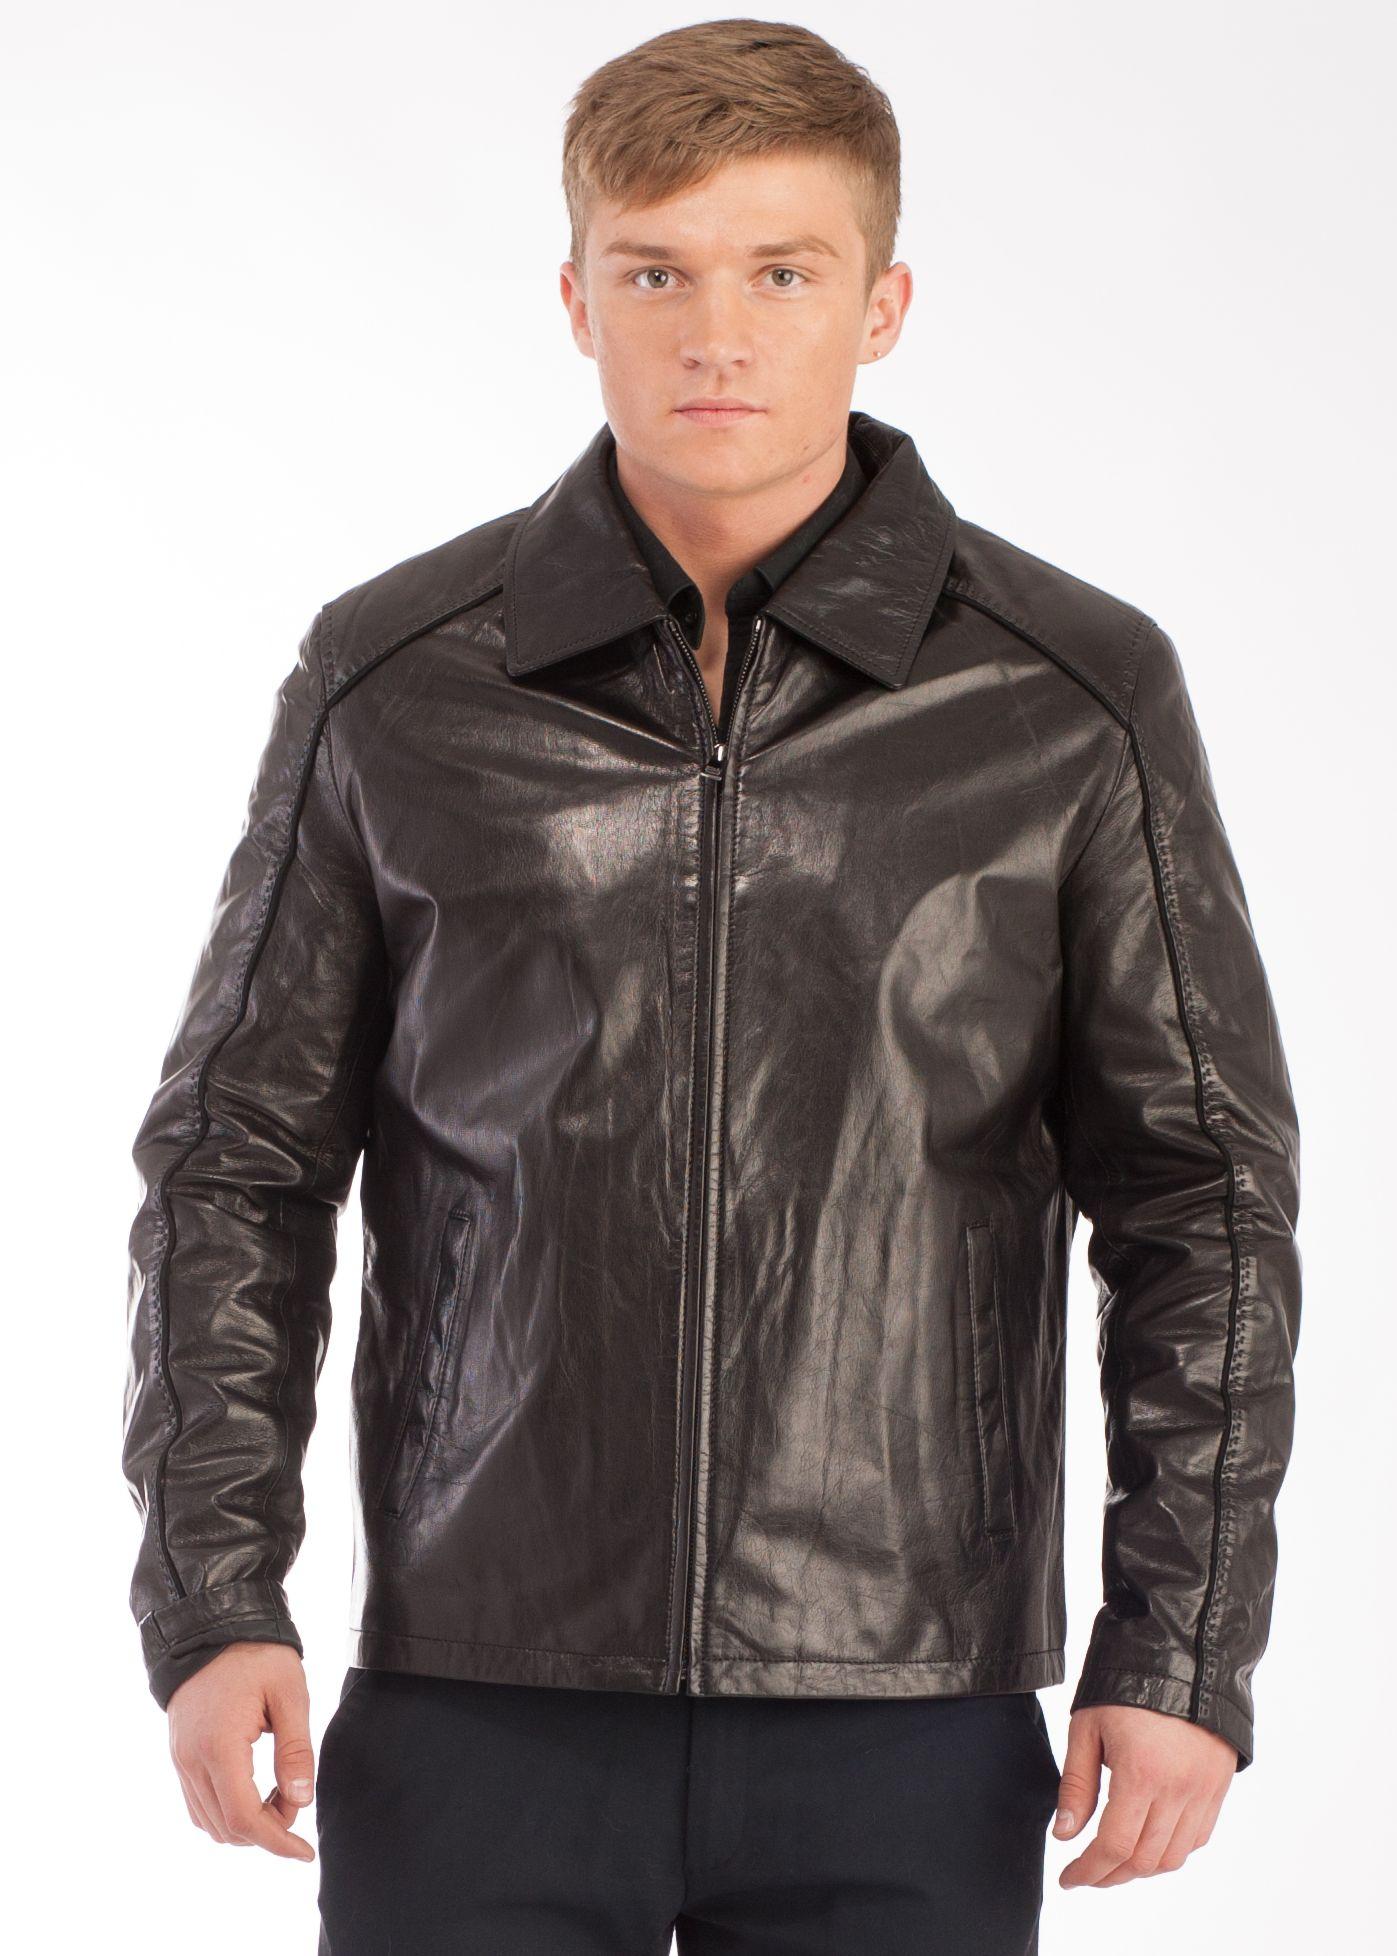 Куртки осенние интернет магазин